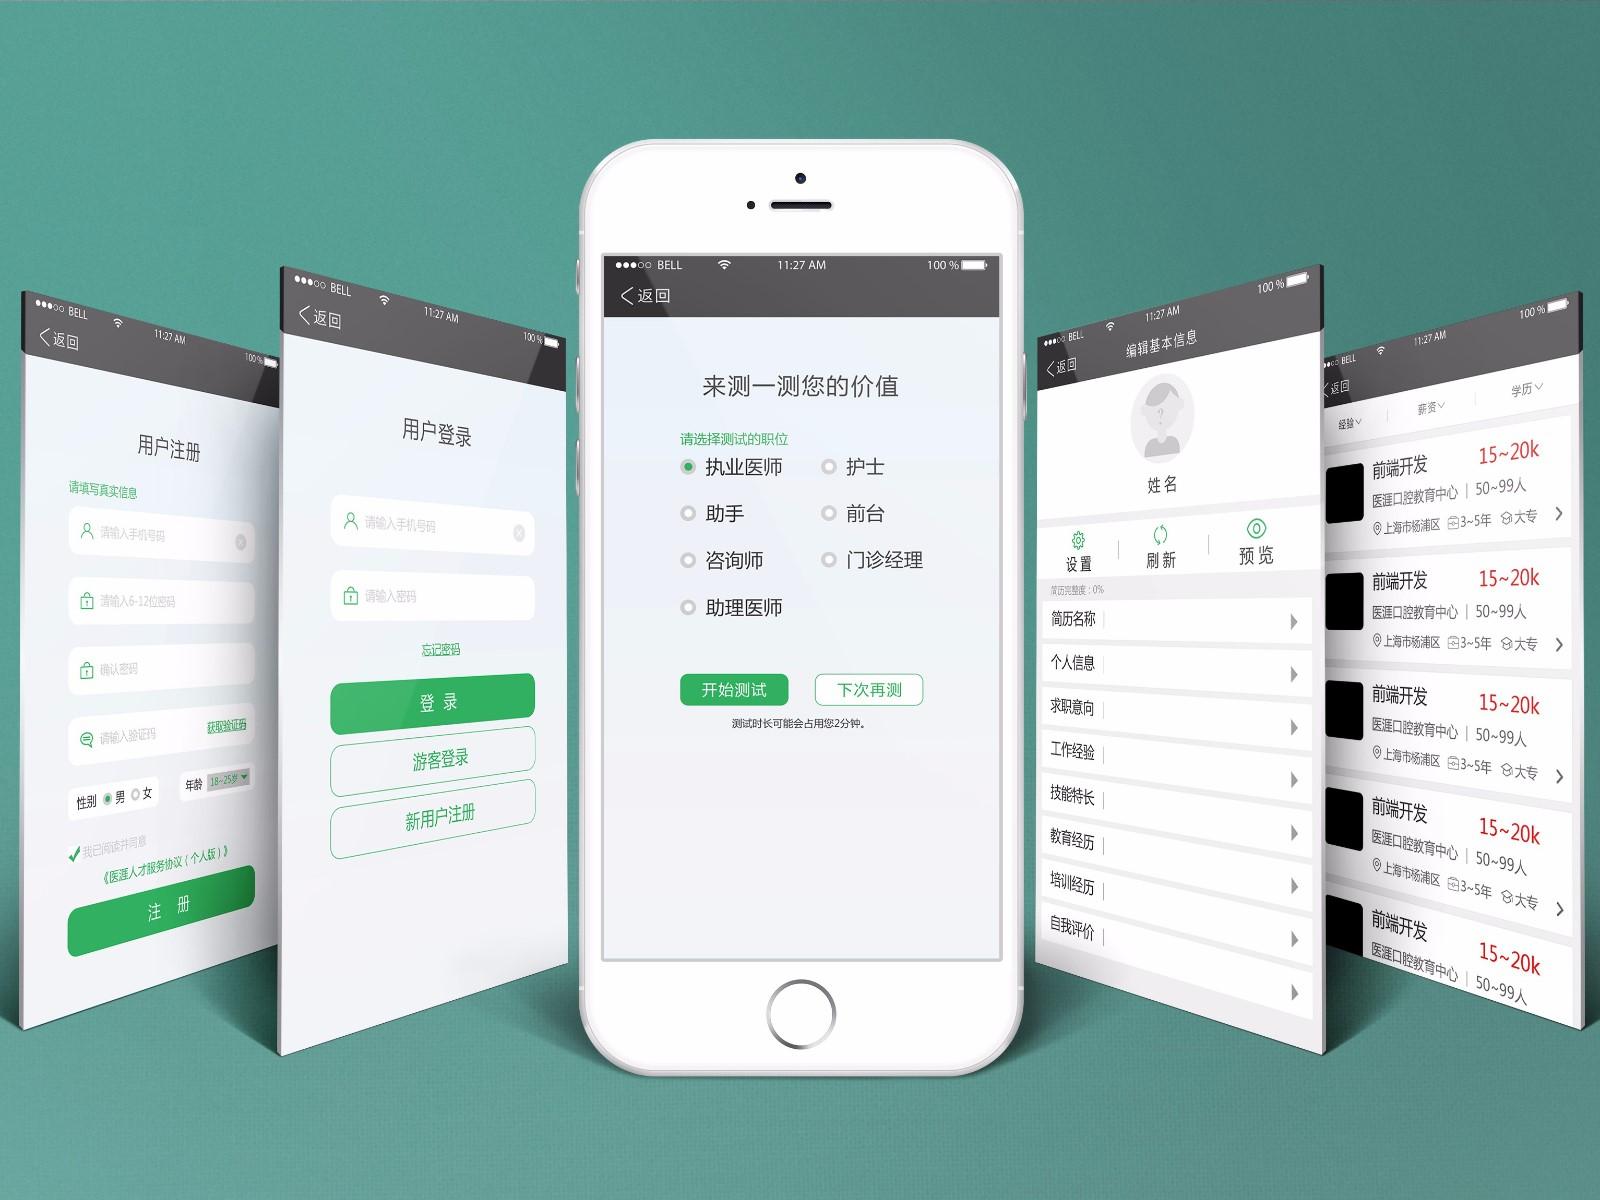 微信公眾號設計公司_微信公眾號設計相關-深圳市佰嘉奇品牌設計有限公司